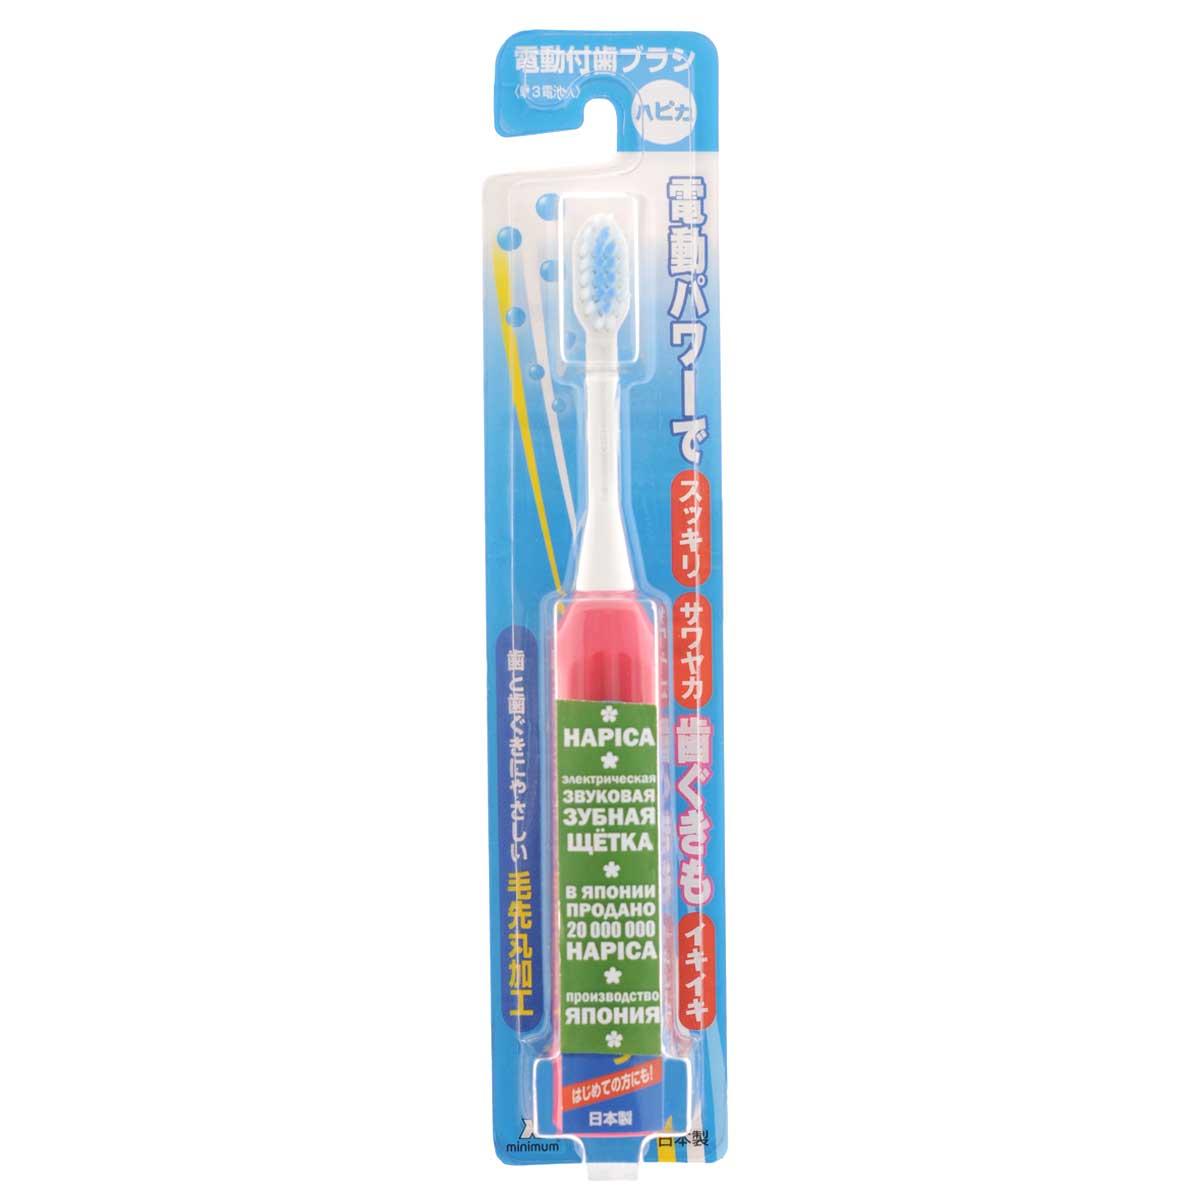 Hapica Minus-ion DB-3XP, Pink электрическая зубная щетка - Товары для гигиены